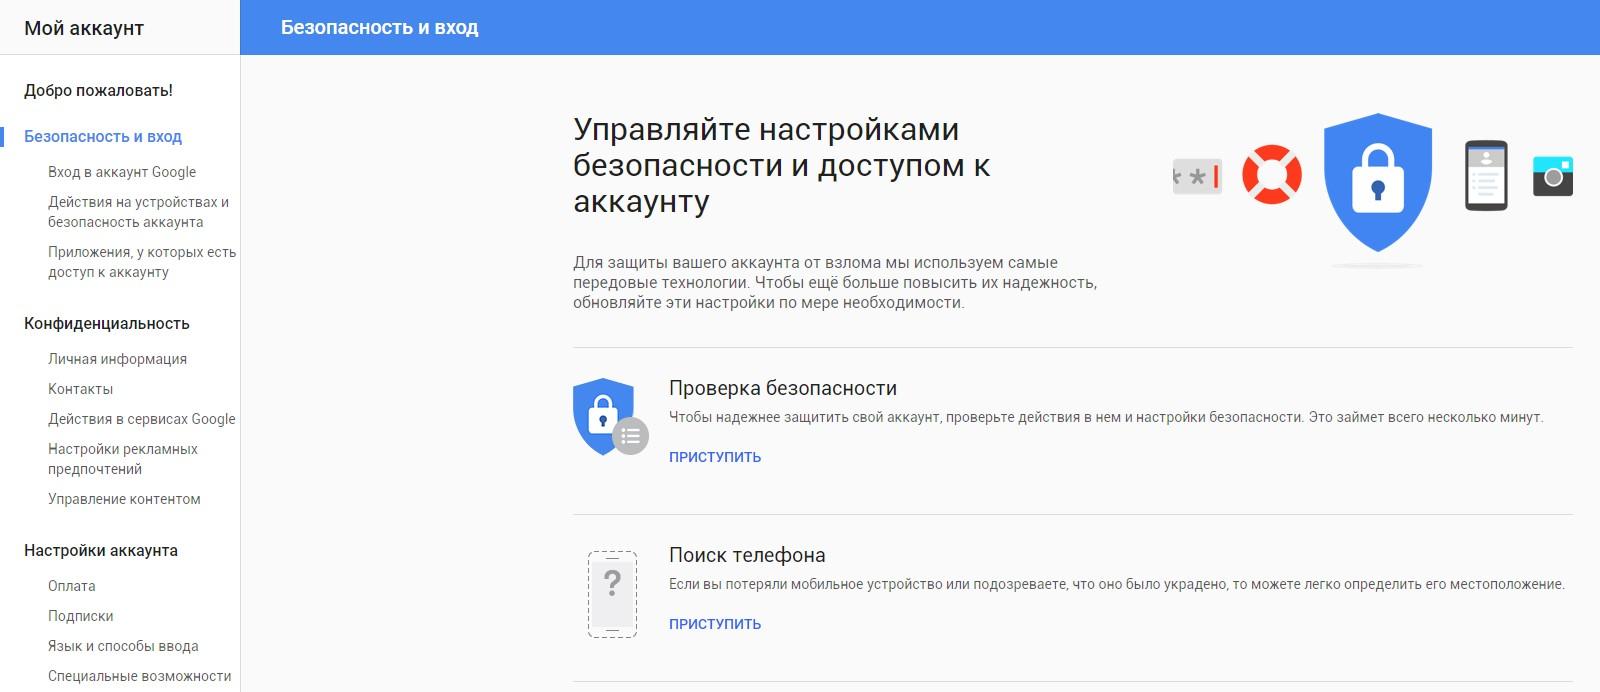 Редактирование аккаунта в Gmail